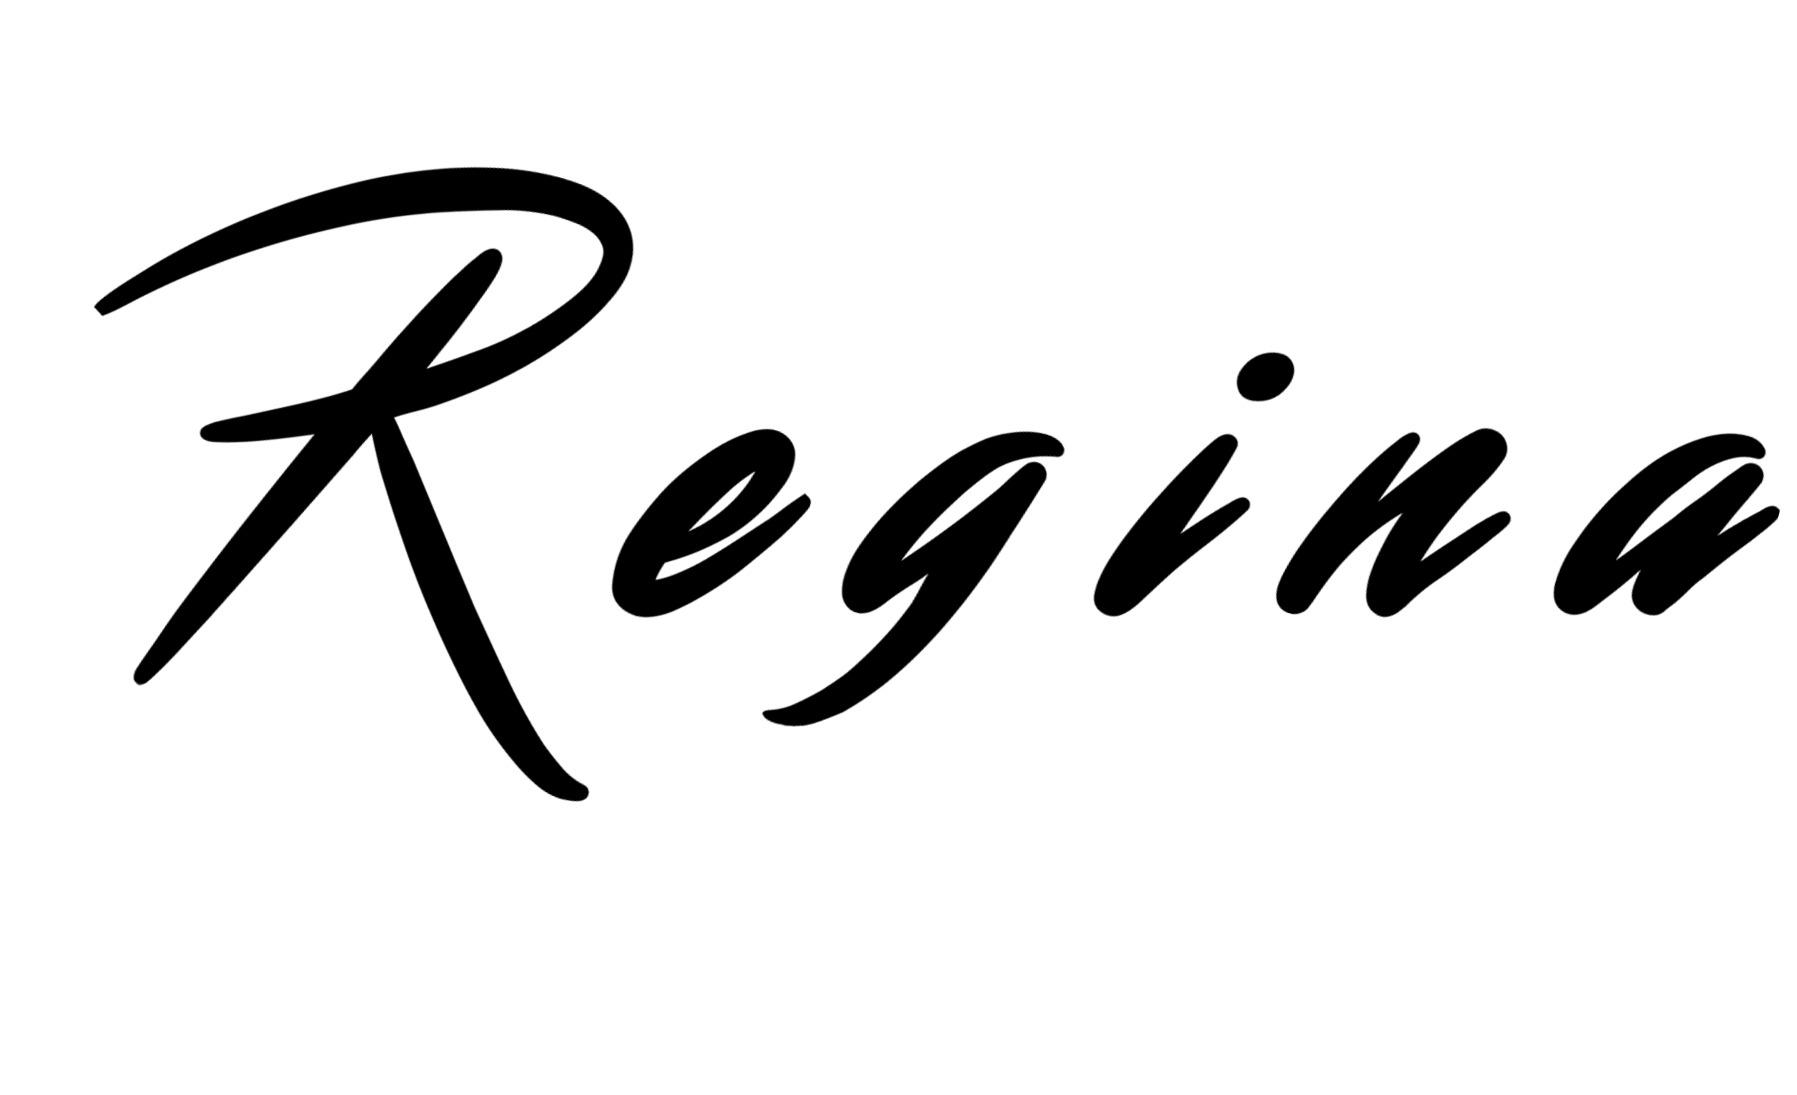 ID font: Regina